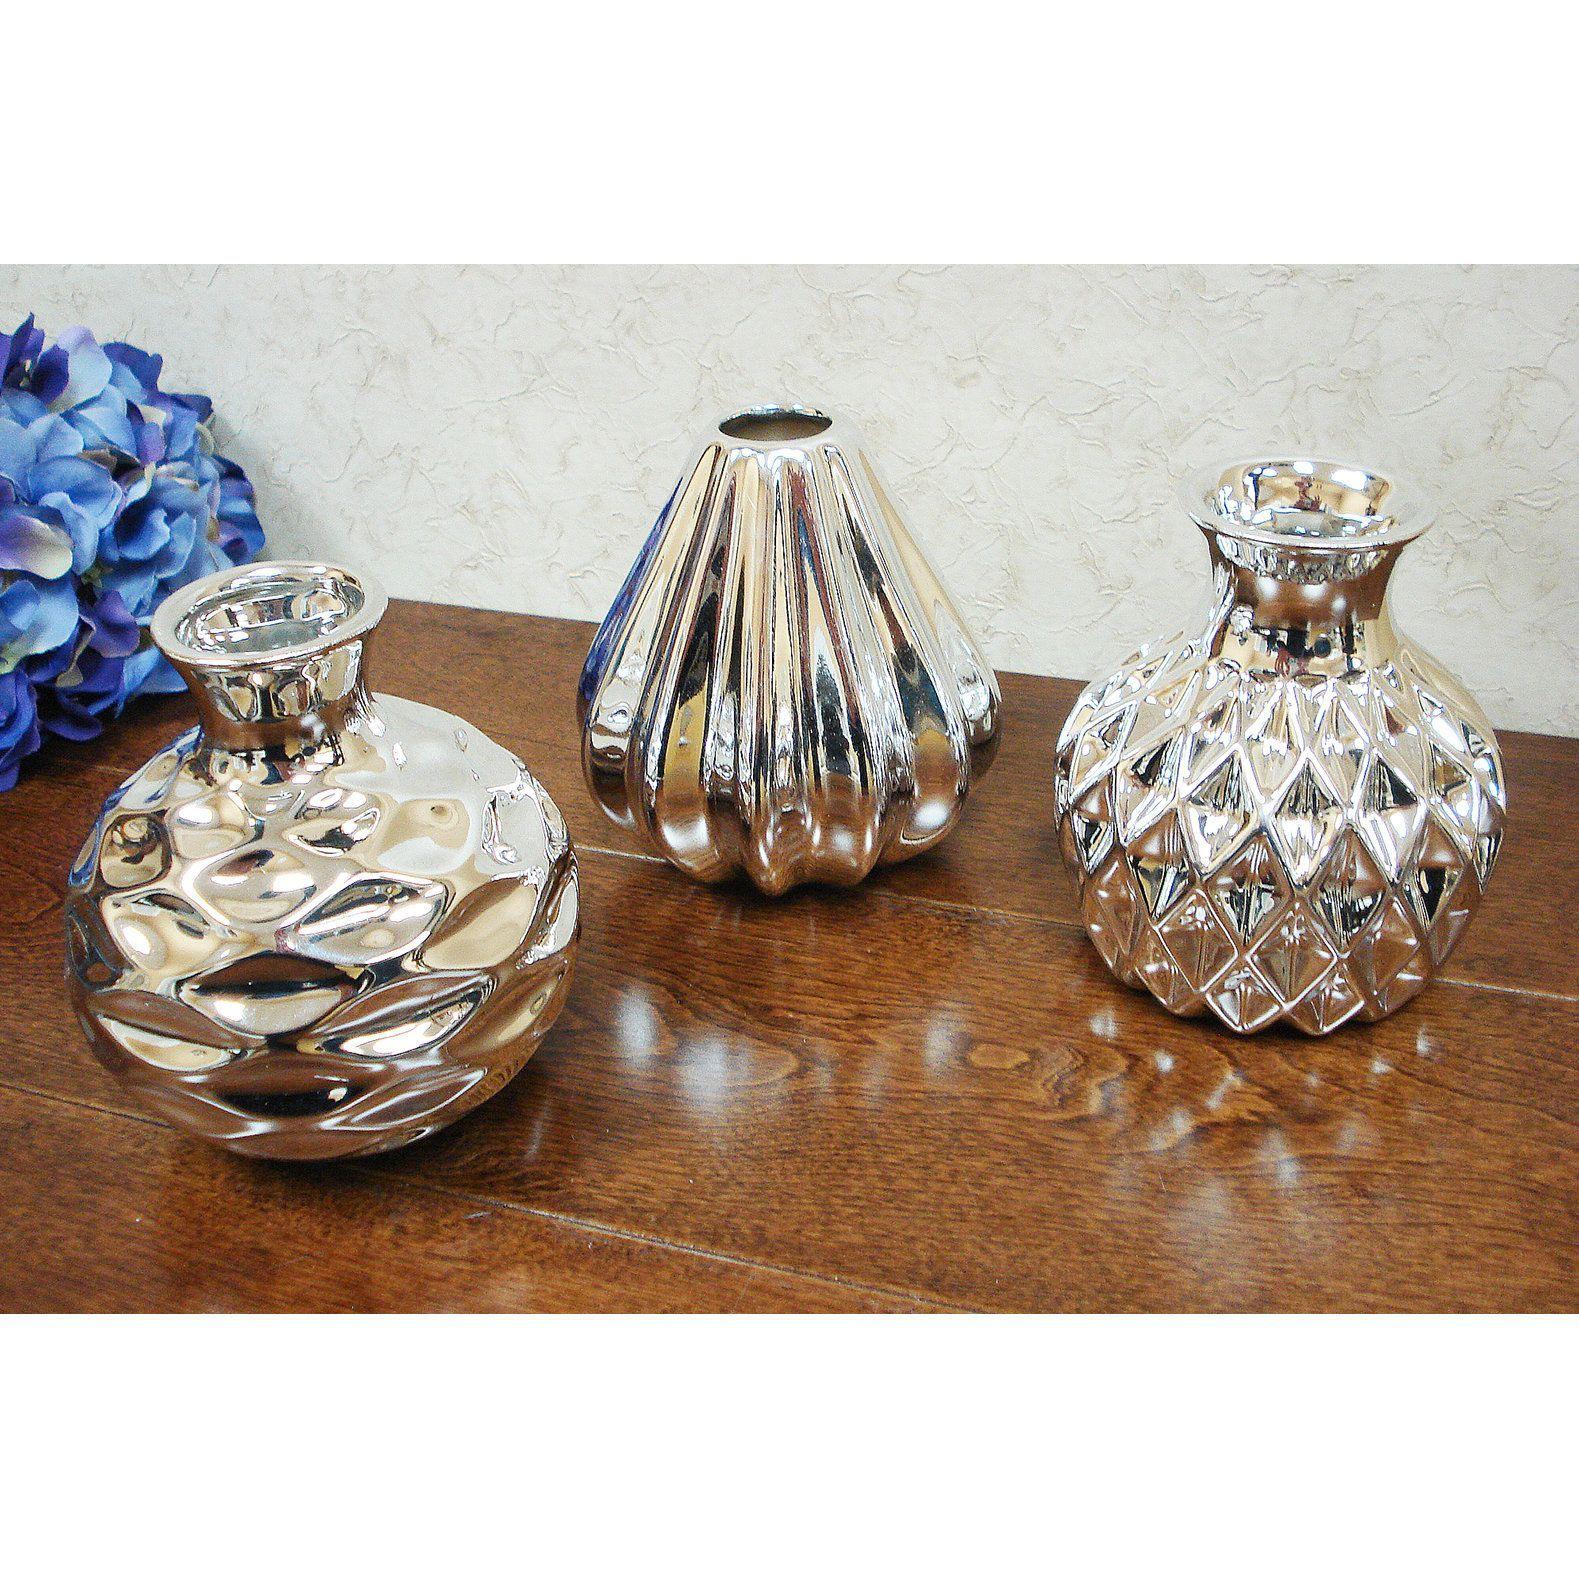 Lusso D'Lusso Designs Bella Silver Ceramic Small Amphora Vase (Set of 3) (Silver)